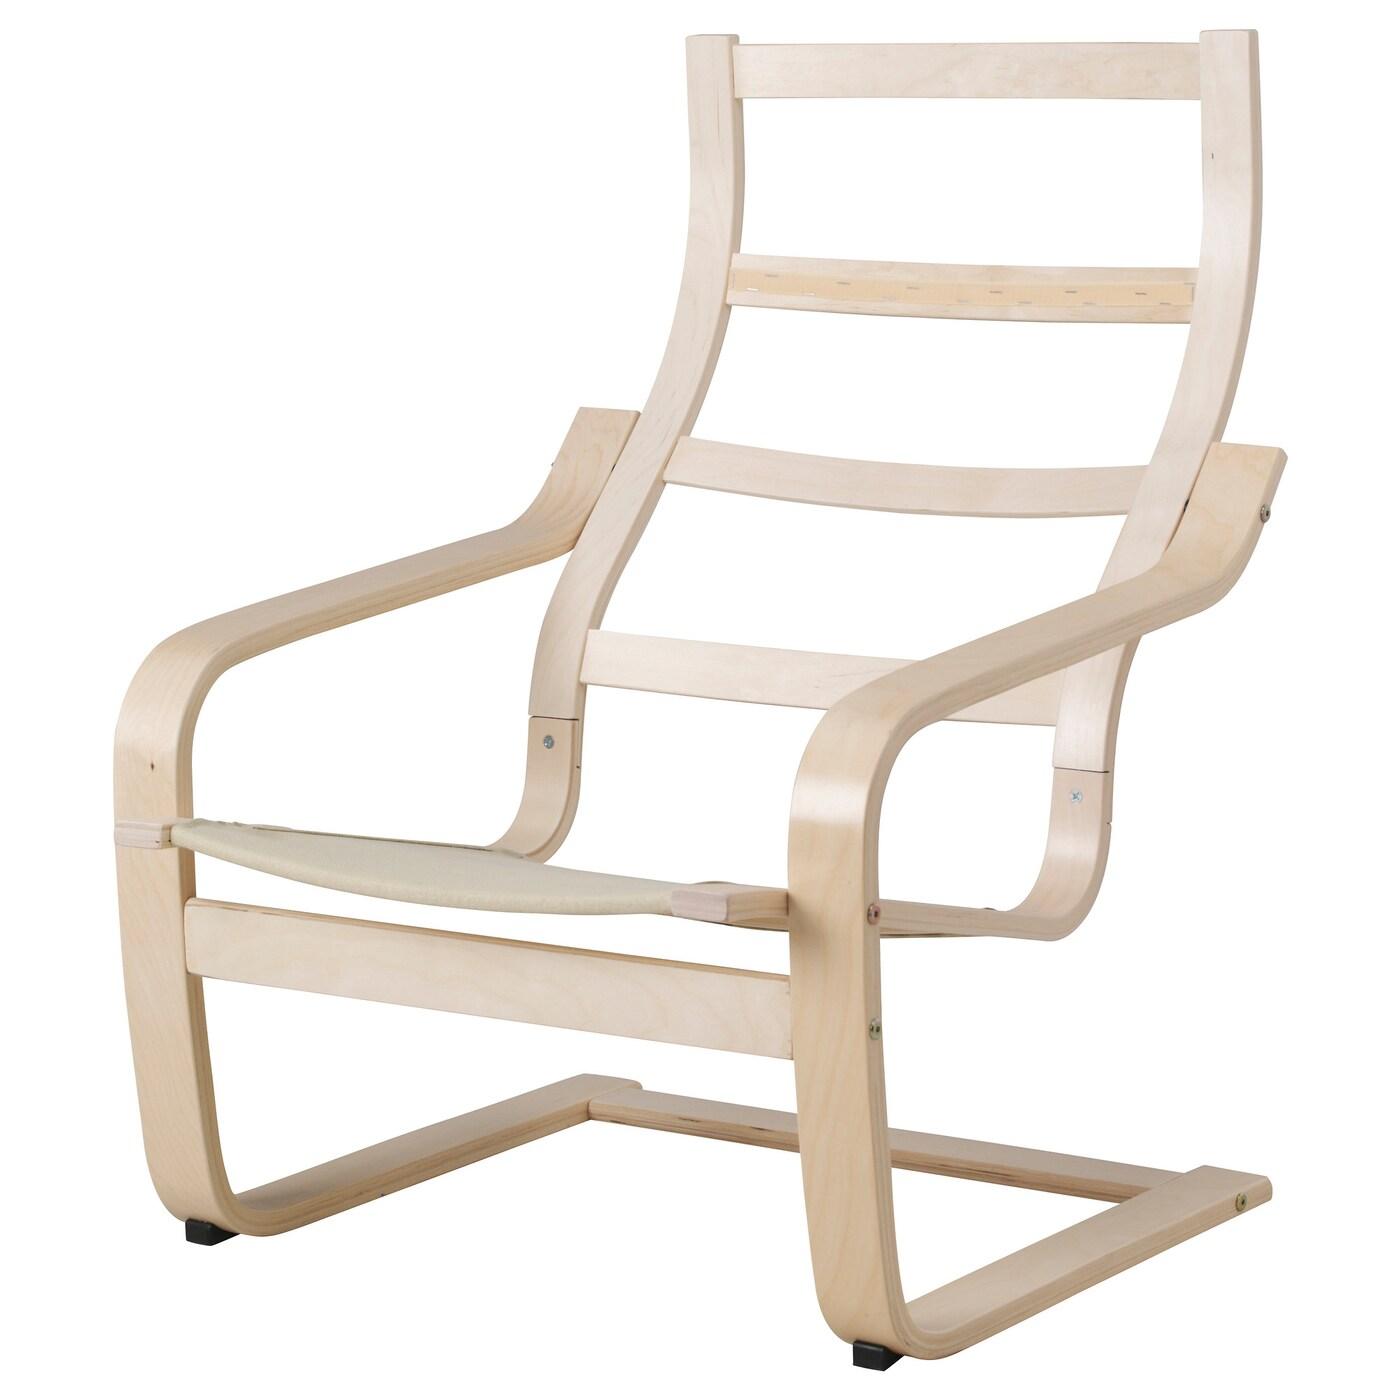 Full Size of Liegestuhl Ikea Pong Gestell Sessel Birkenfurnier Sterreich Sofa Mit Schlaffunktion Betten 160x200 Küche Kosten Garten Modulküche Bei Miniküche Kaufen Wohnzimmer Liegestuhl Ikea